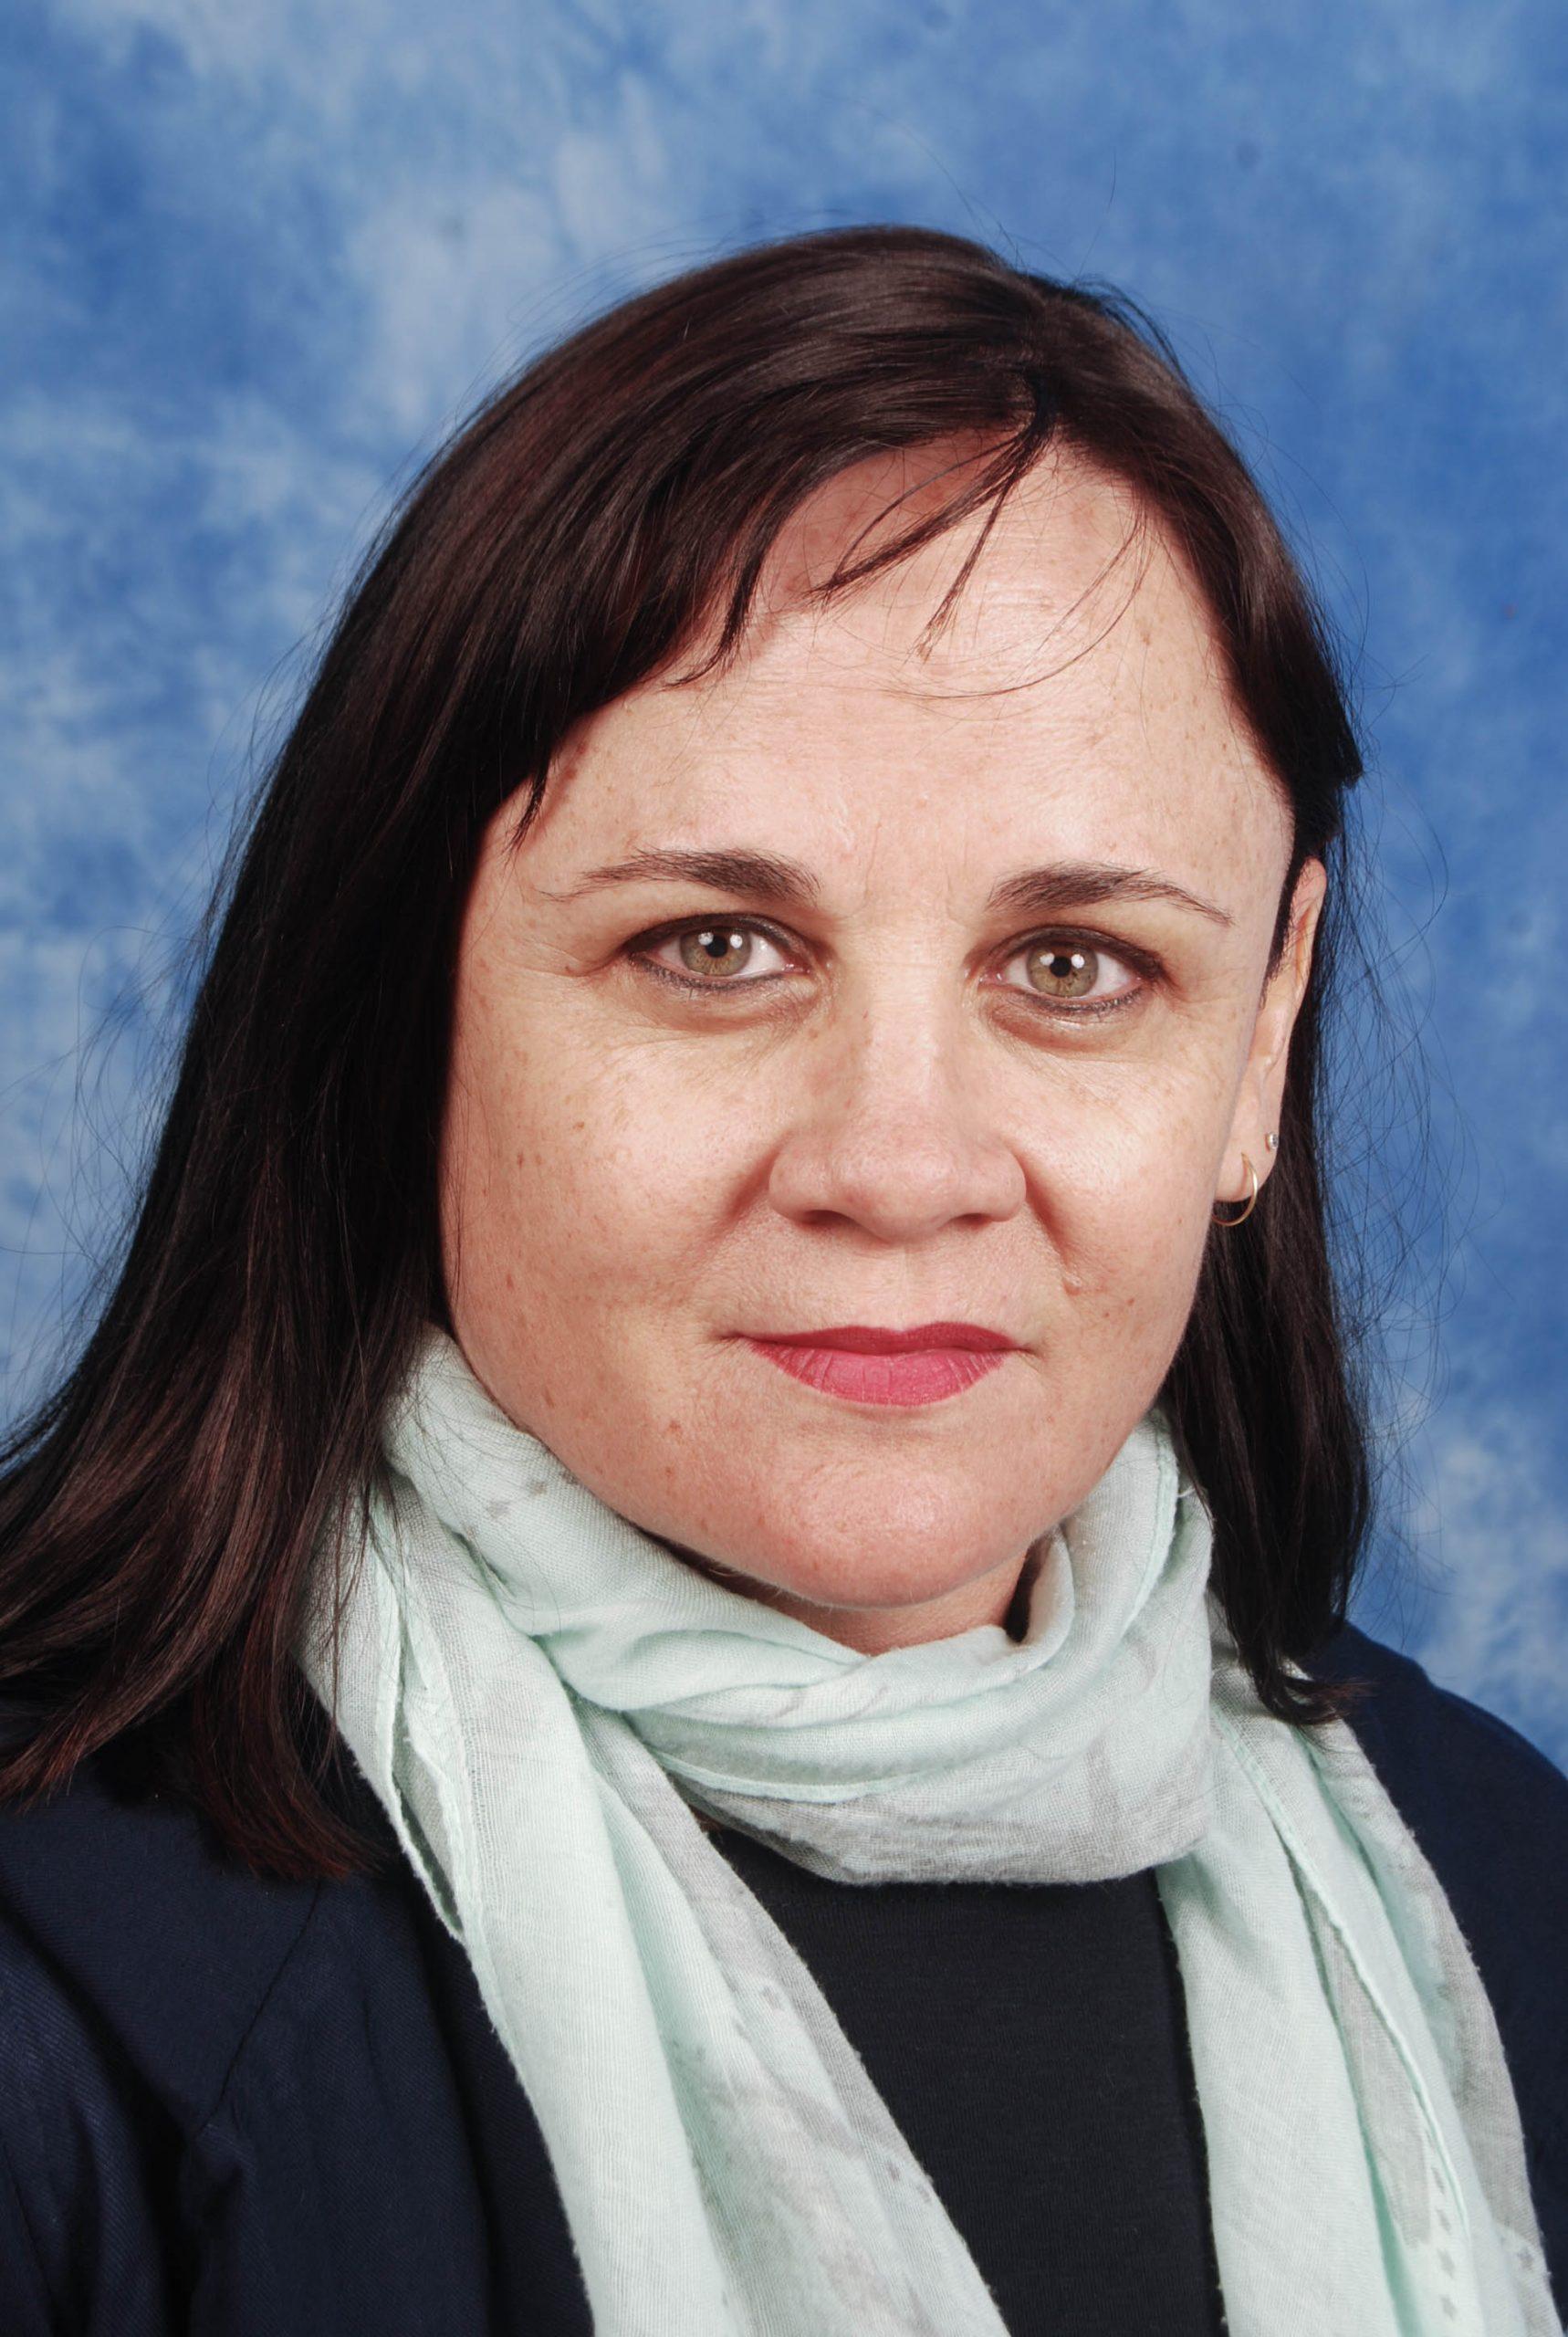 Corna Holtshauzen